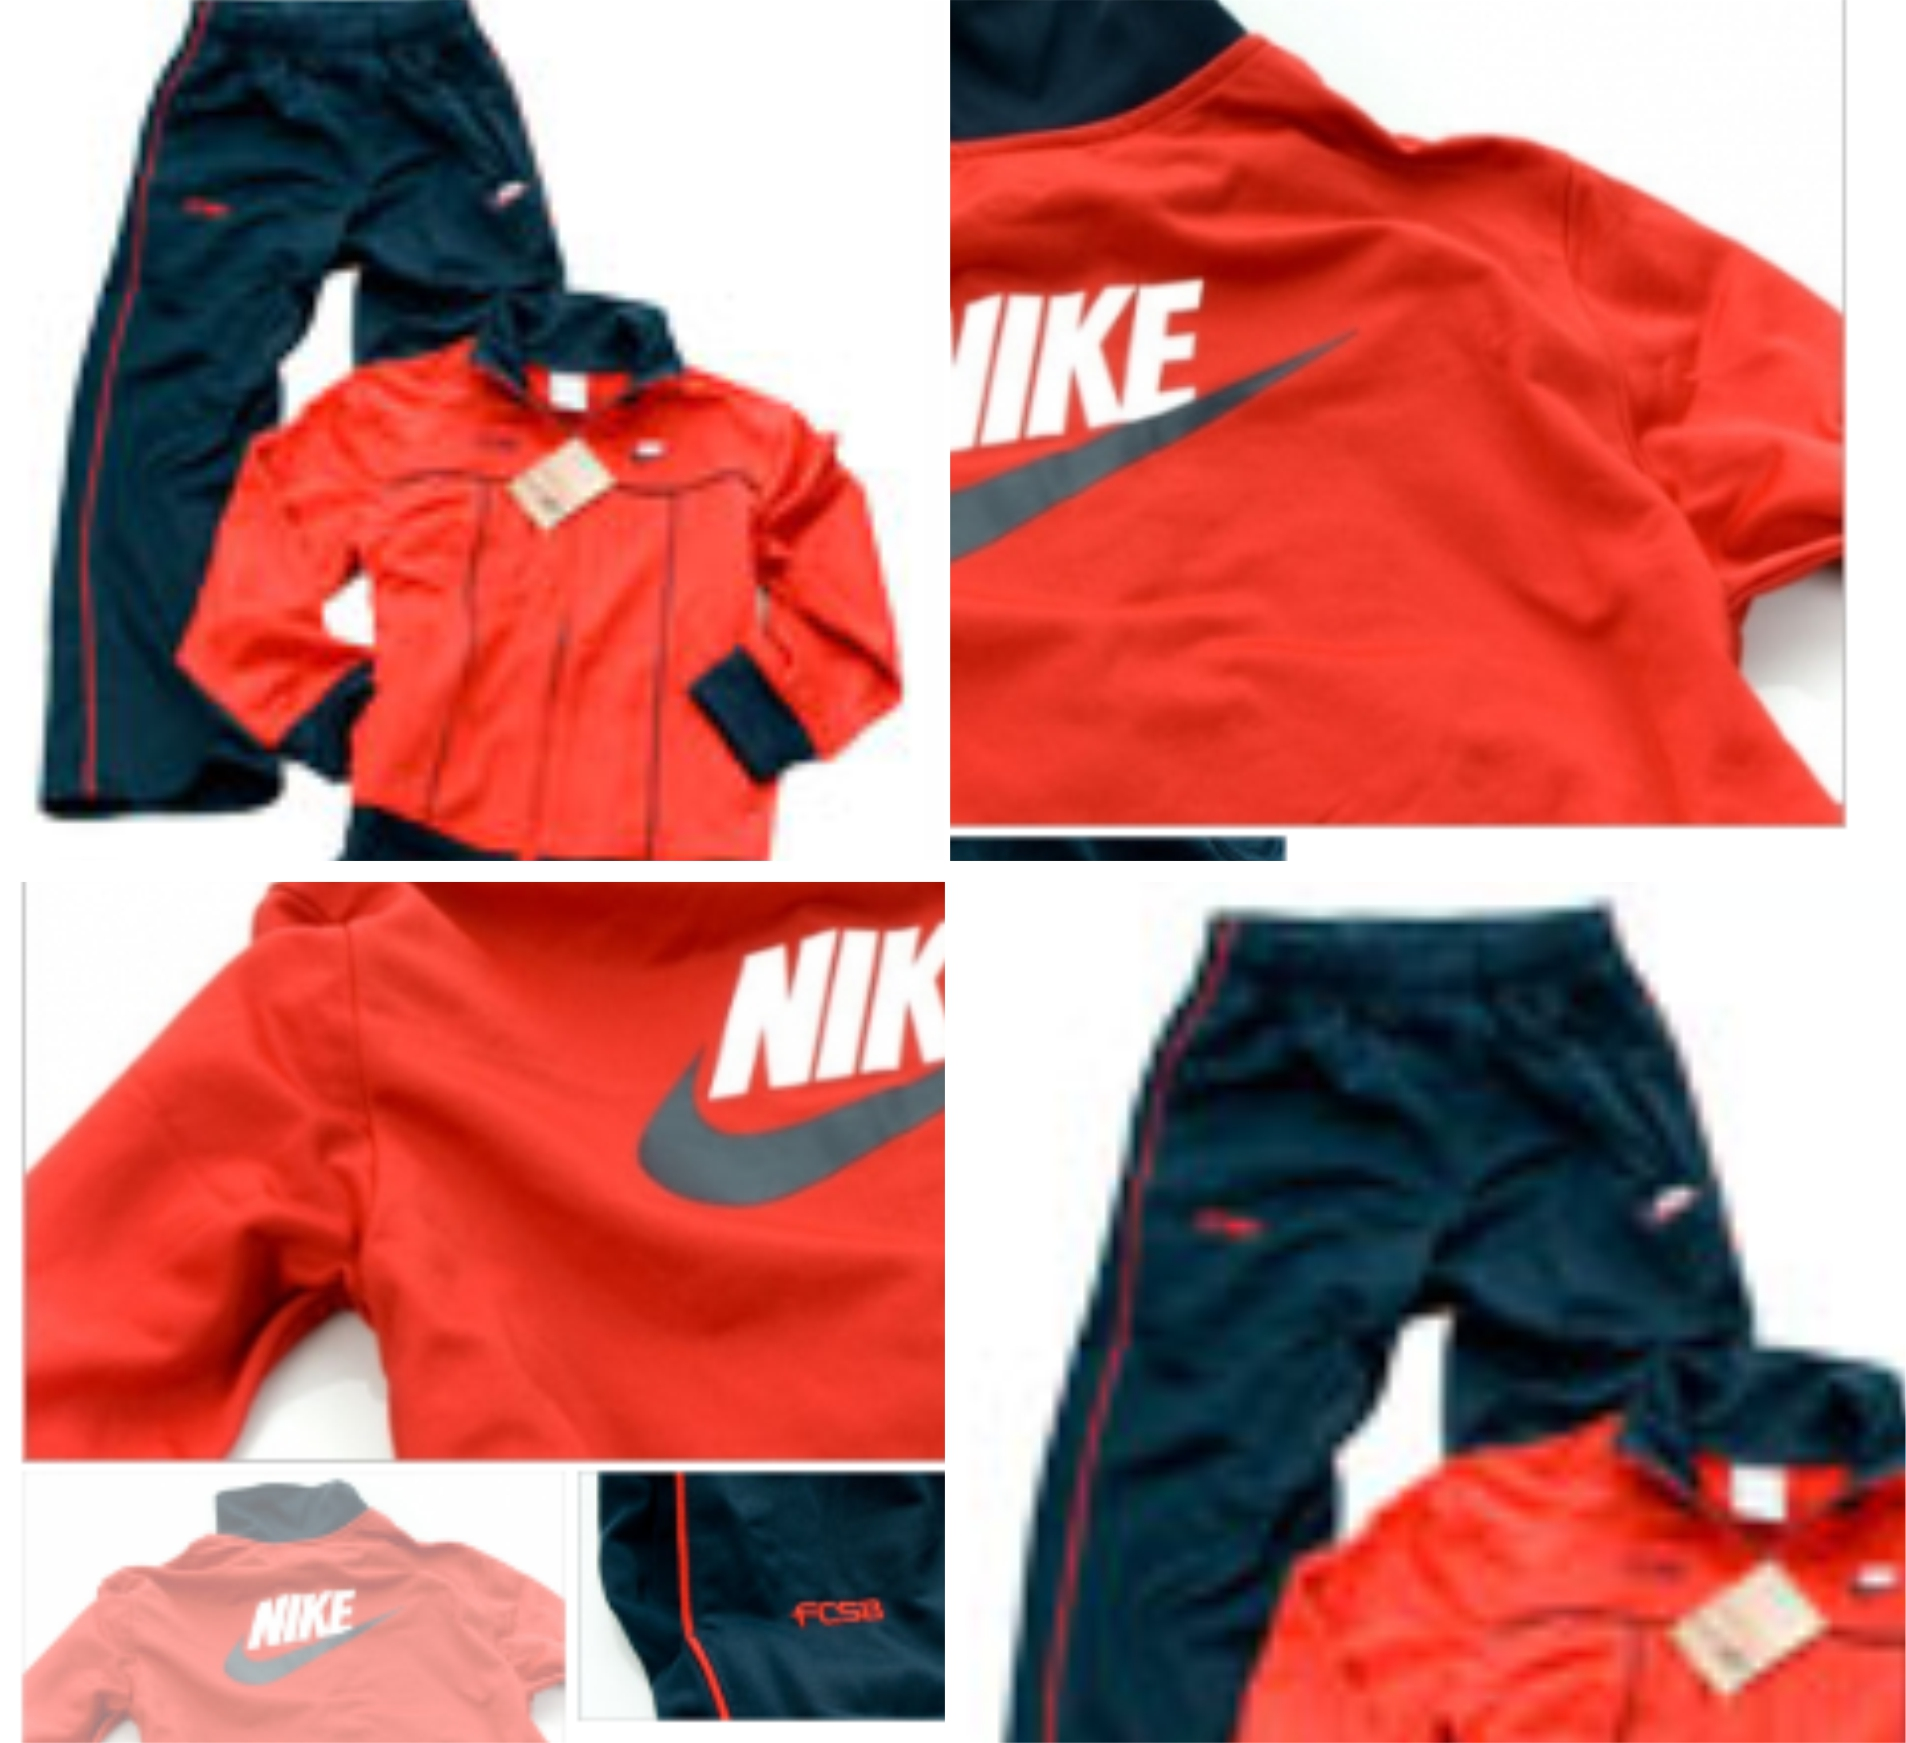 Trening Nike junior poliester roșu/navy